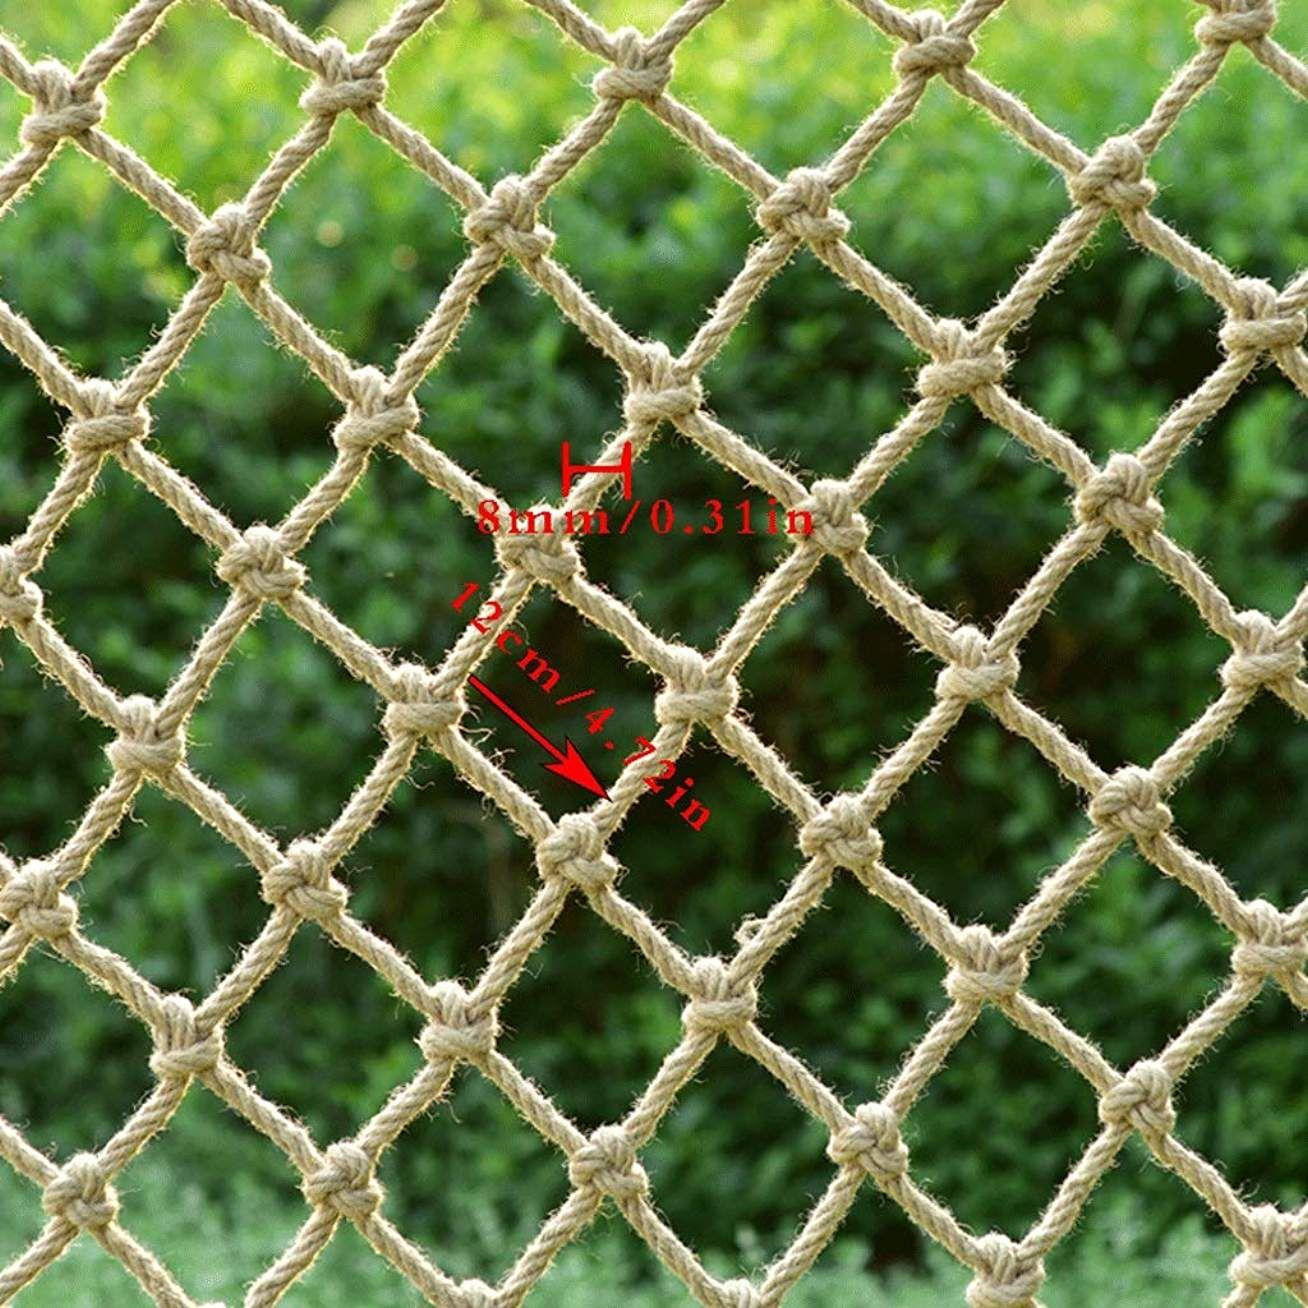 Filet De Securite Corde De Chanvre Filet D Escalier Balcon Filet De Protection Isolation Filet Decoratif Magas Decoration Plafond Parement Mural Enfant Balcon